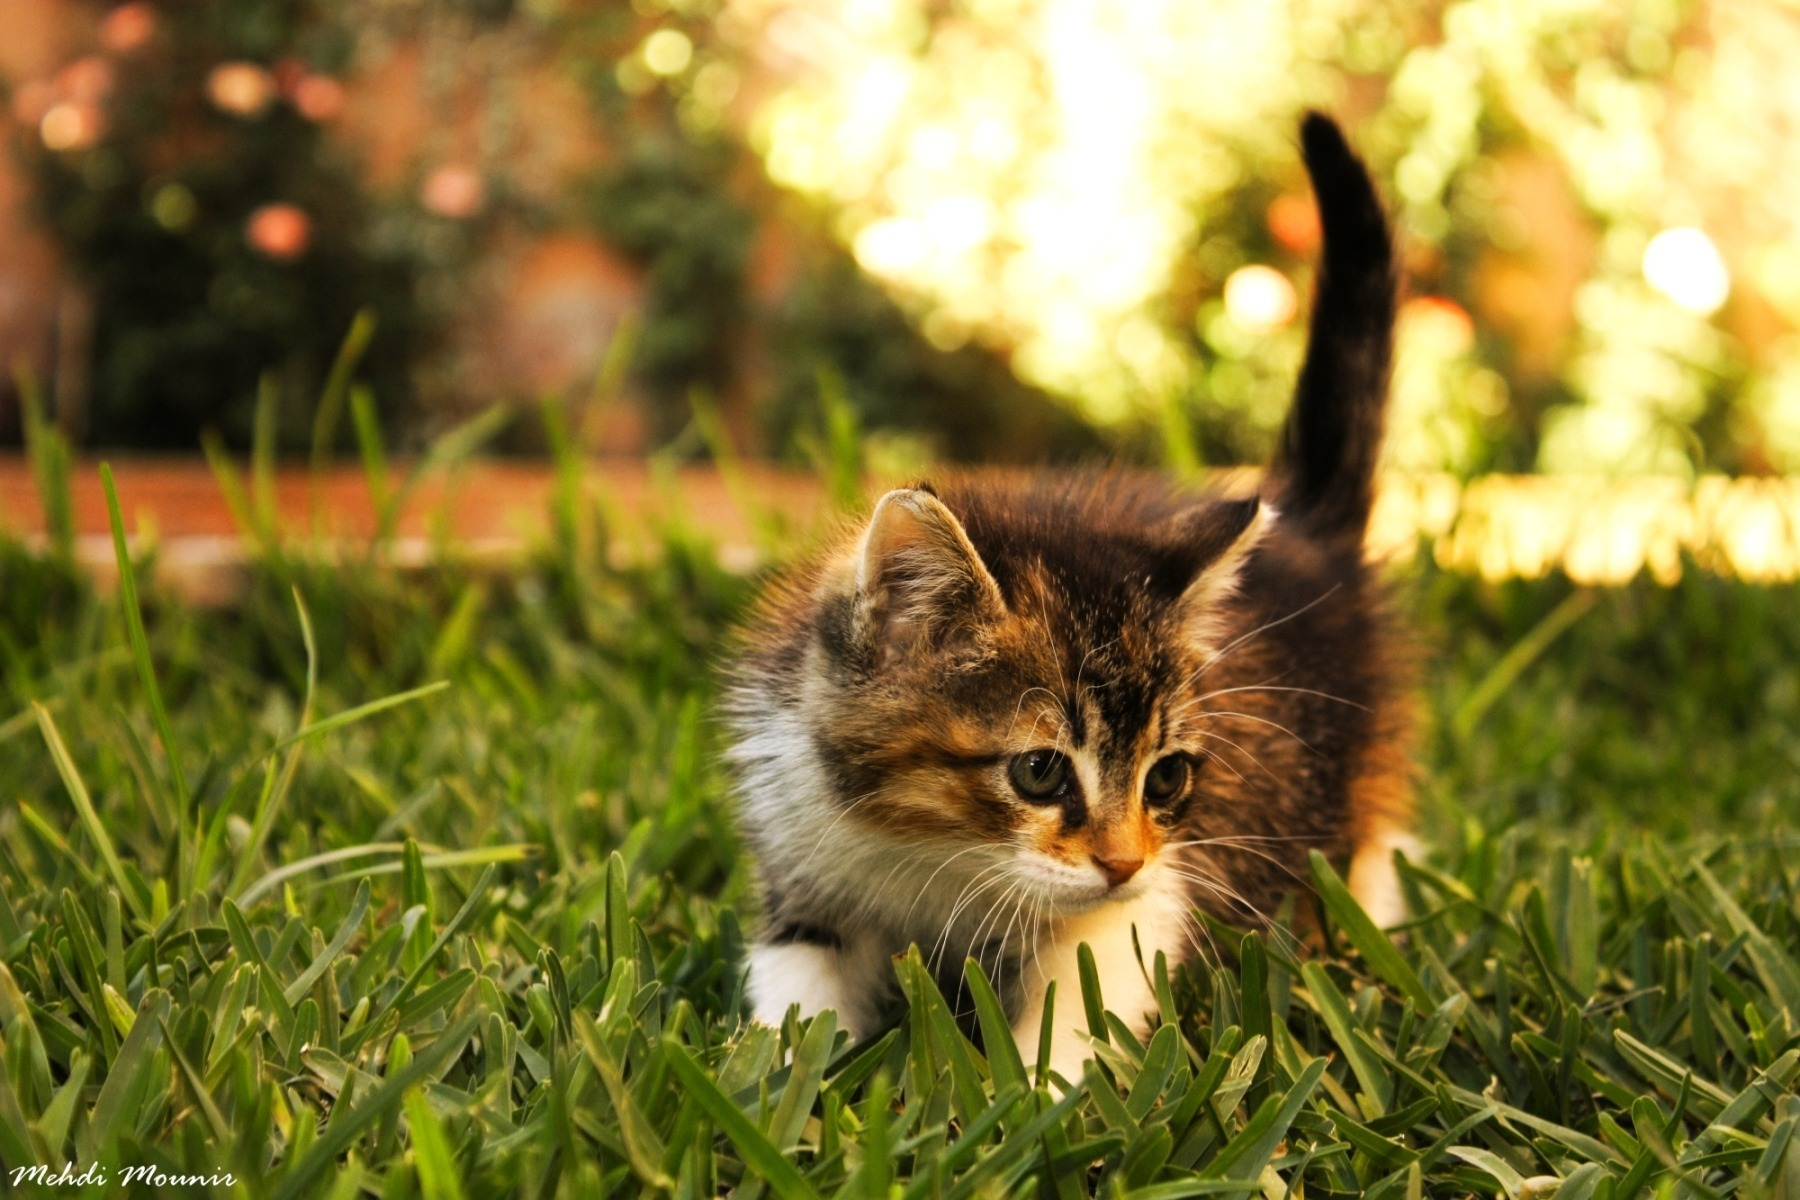 Котенок в мелкой траве  № 2953940 загрузить